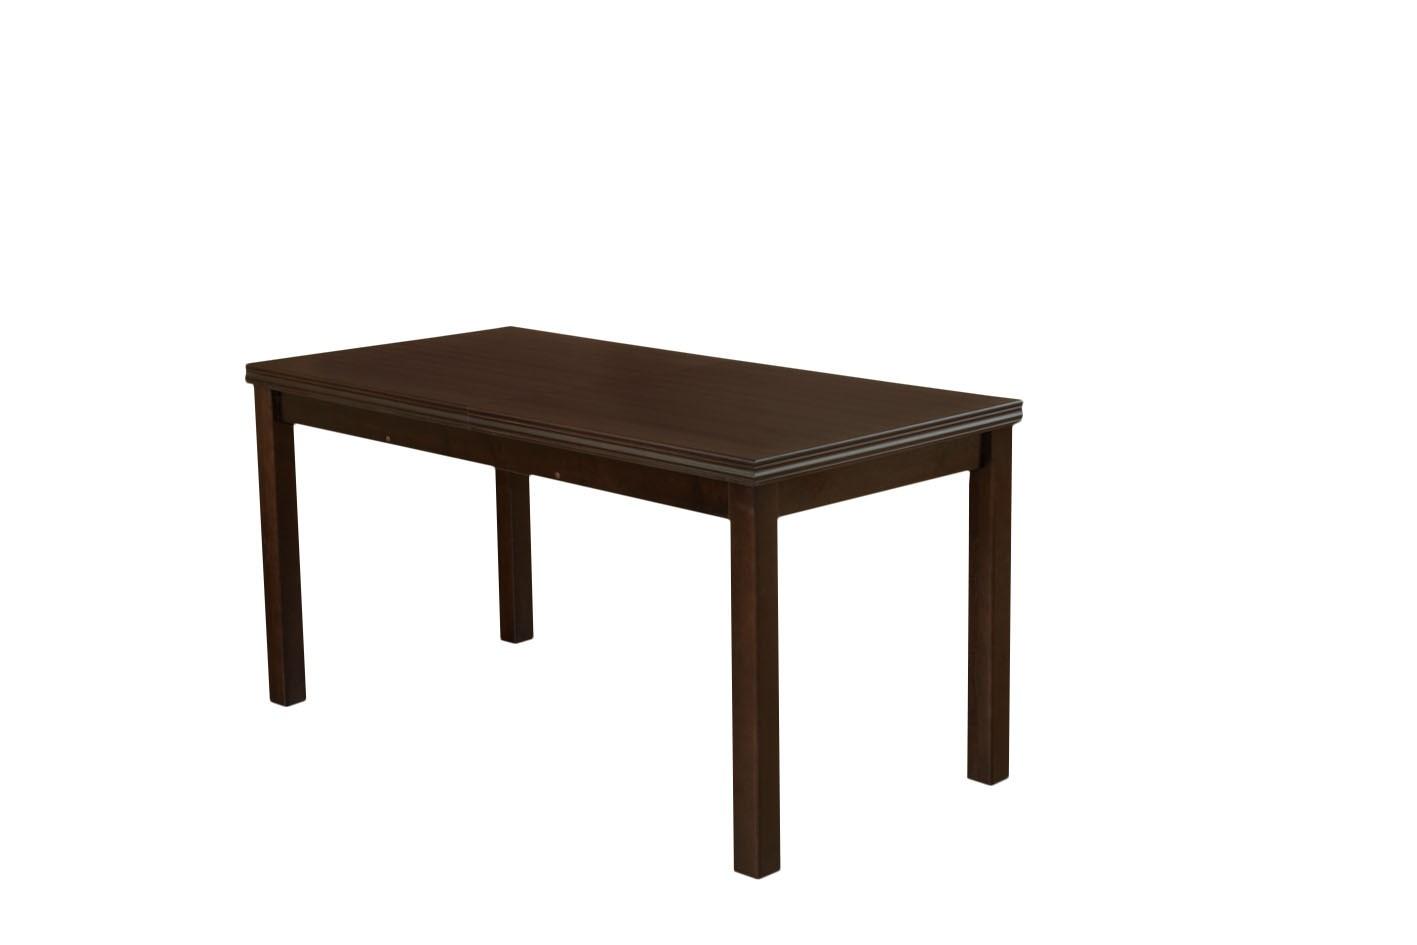 Stół do jadalni SM16 szerokość 90 cm rozkładany do 200 cm